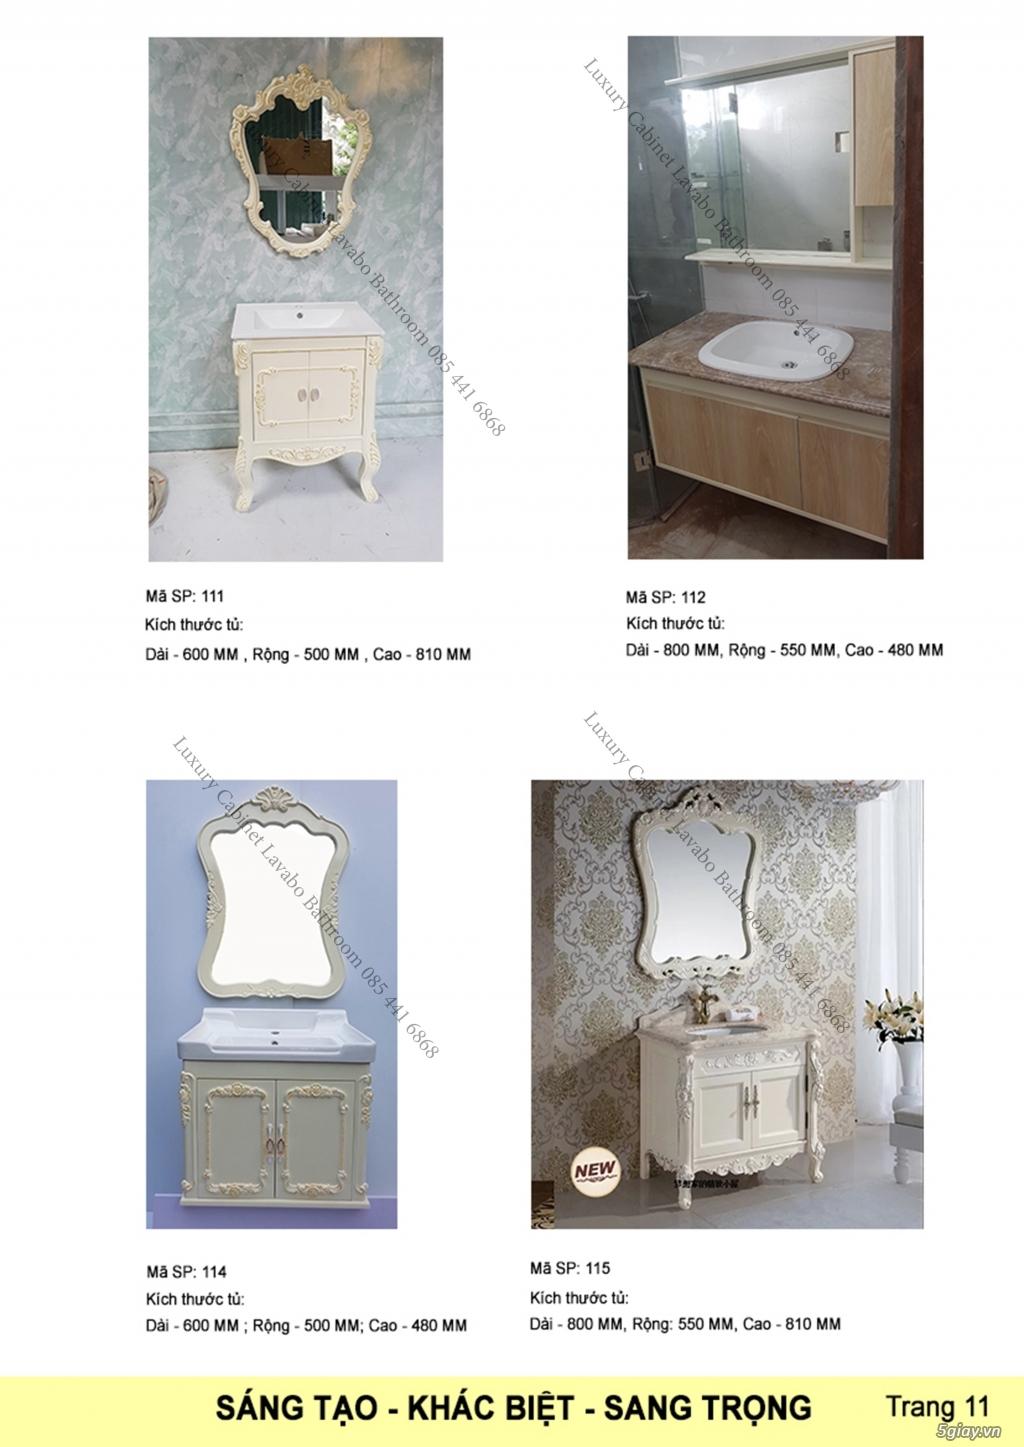 Bán tủ chậu lavabo tân cổ điển, hiện đại, tủ chậu mặt đá phòng tắm - 12